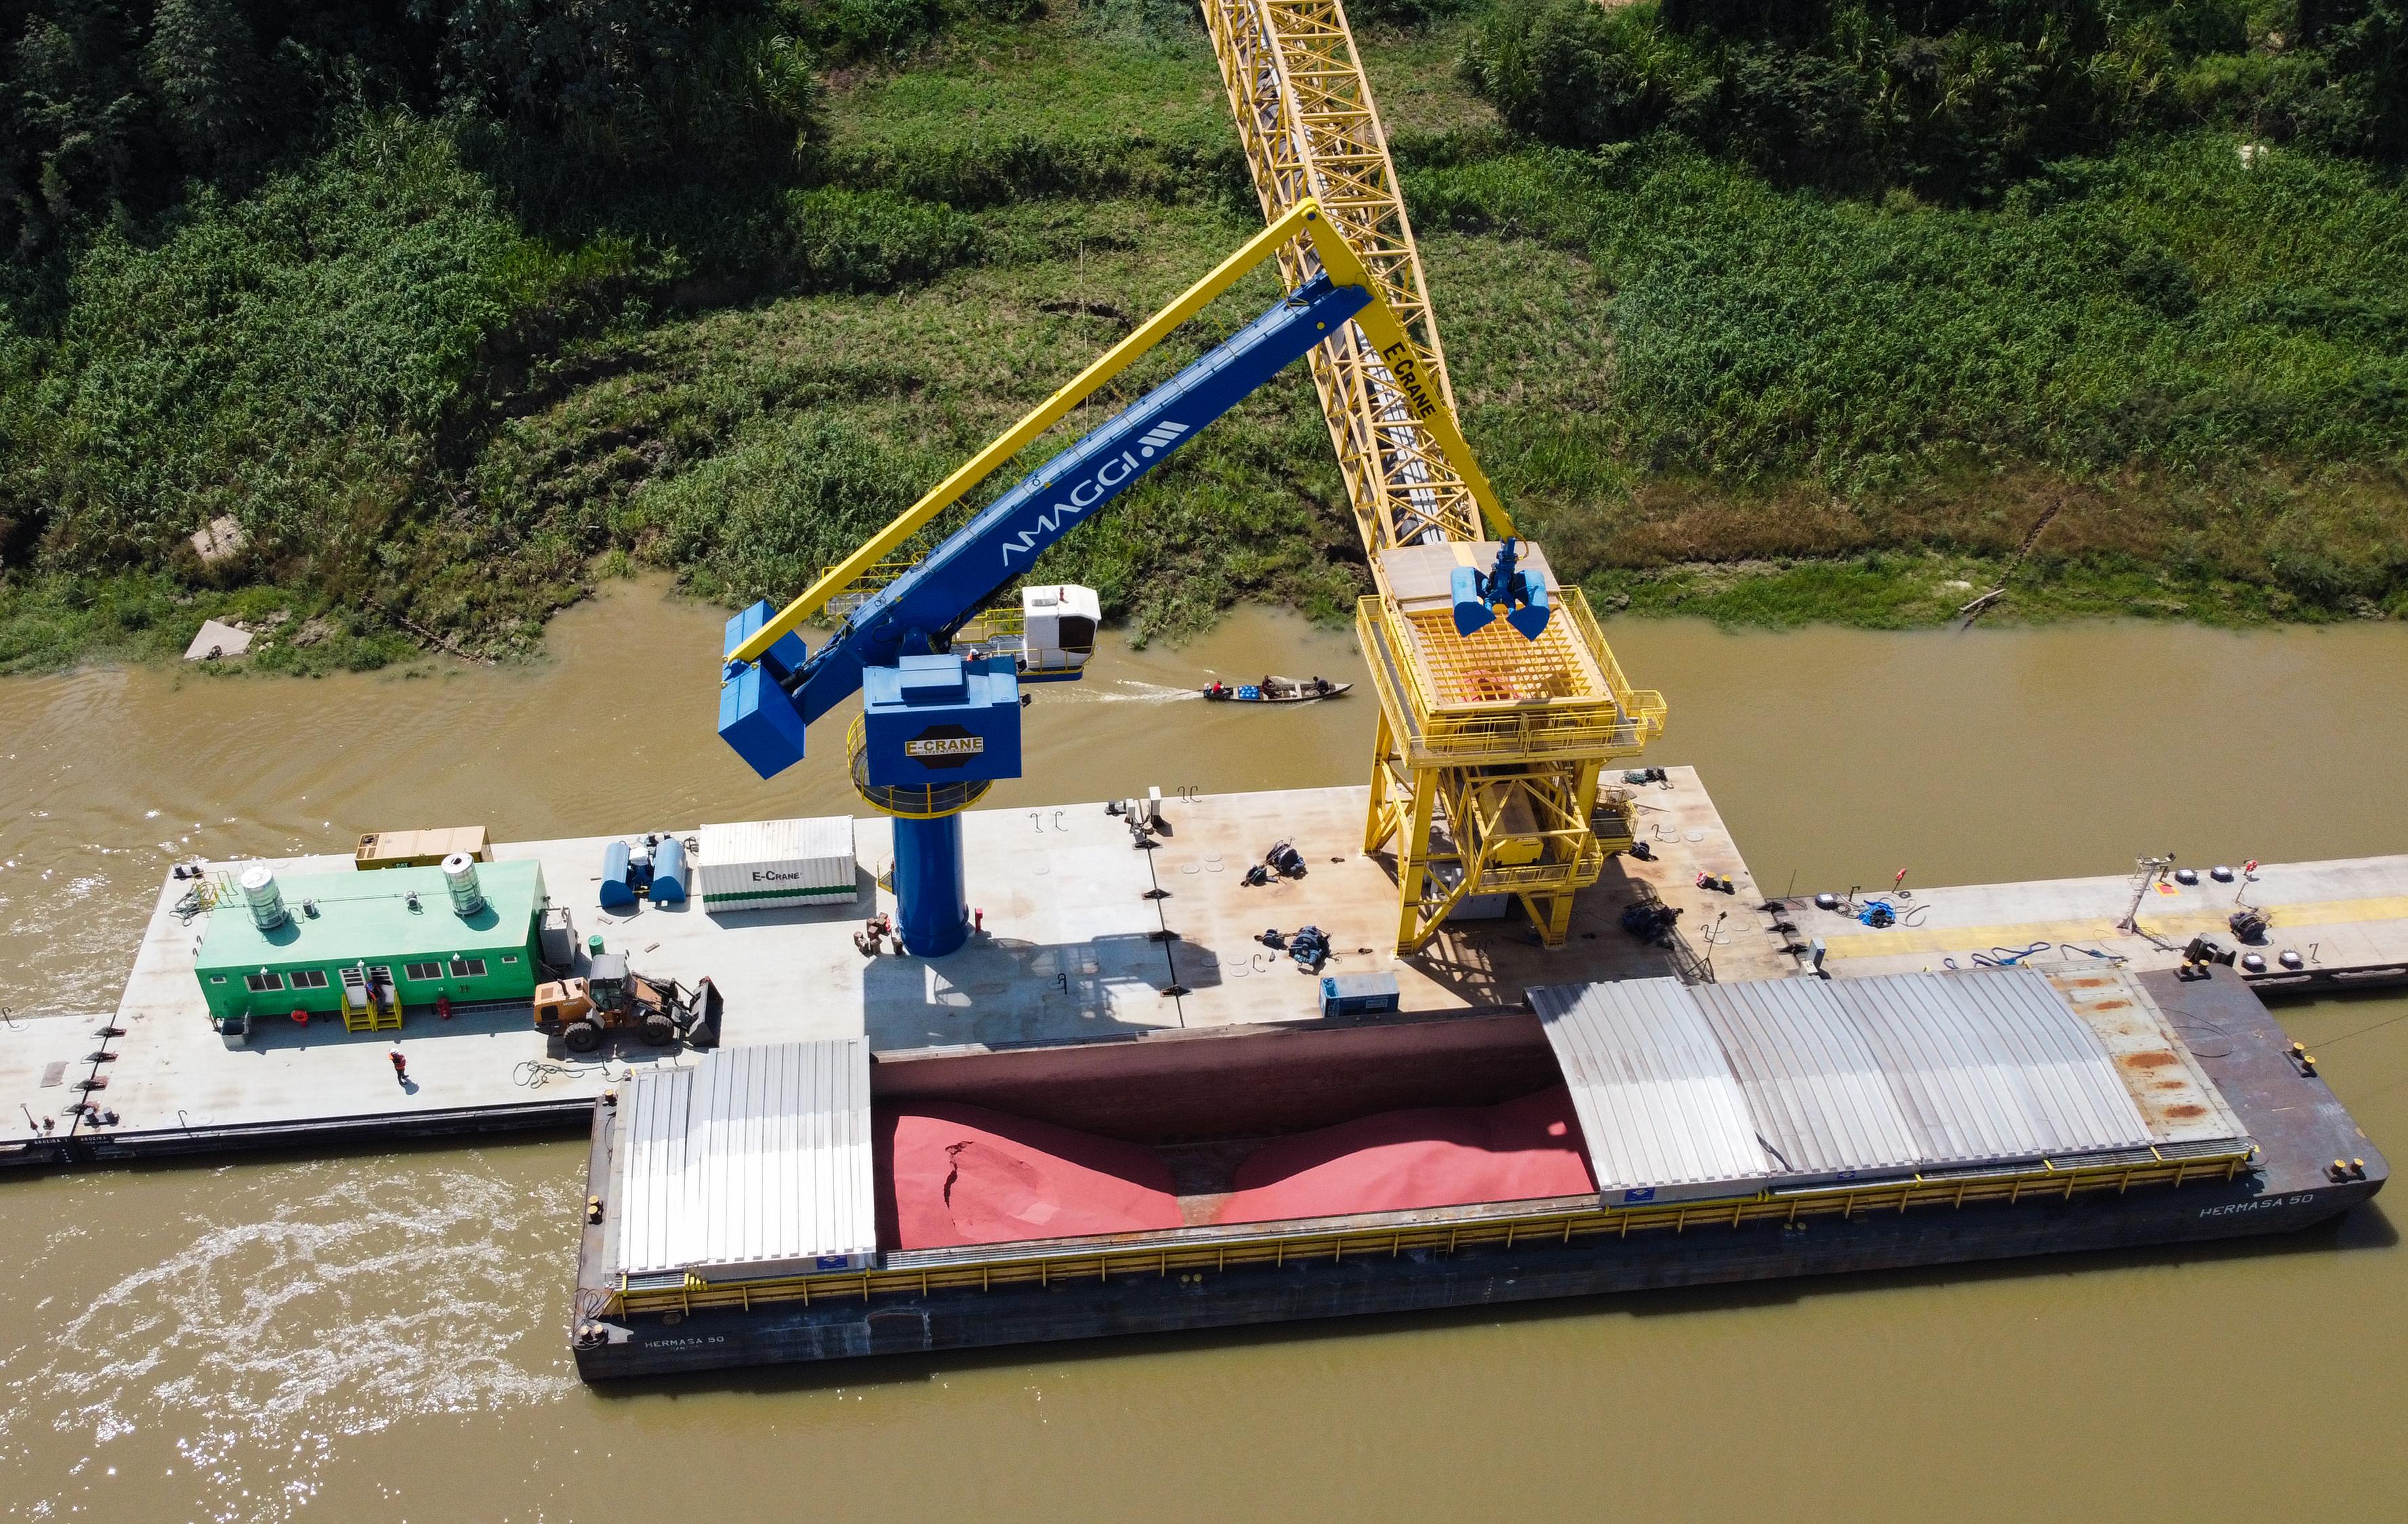 Carga de fertilizantes sendo retirada pela balsa-guindaste do interior de uma barcaça no complexo de Portochuelo, Porto Velho (RO)